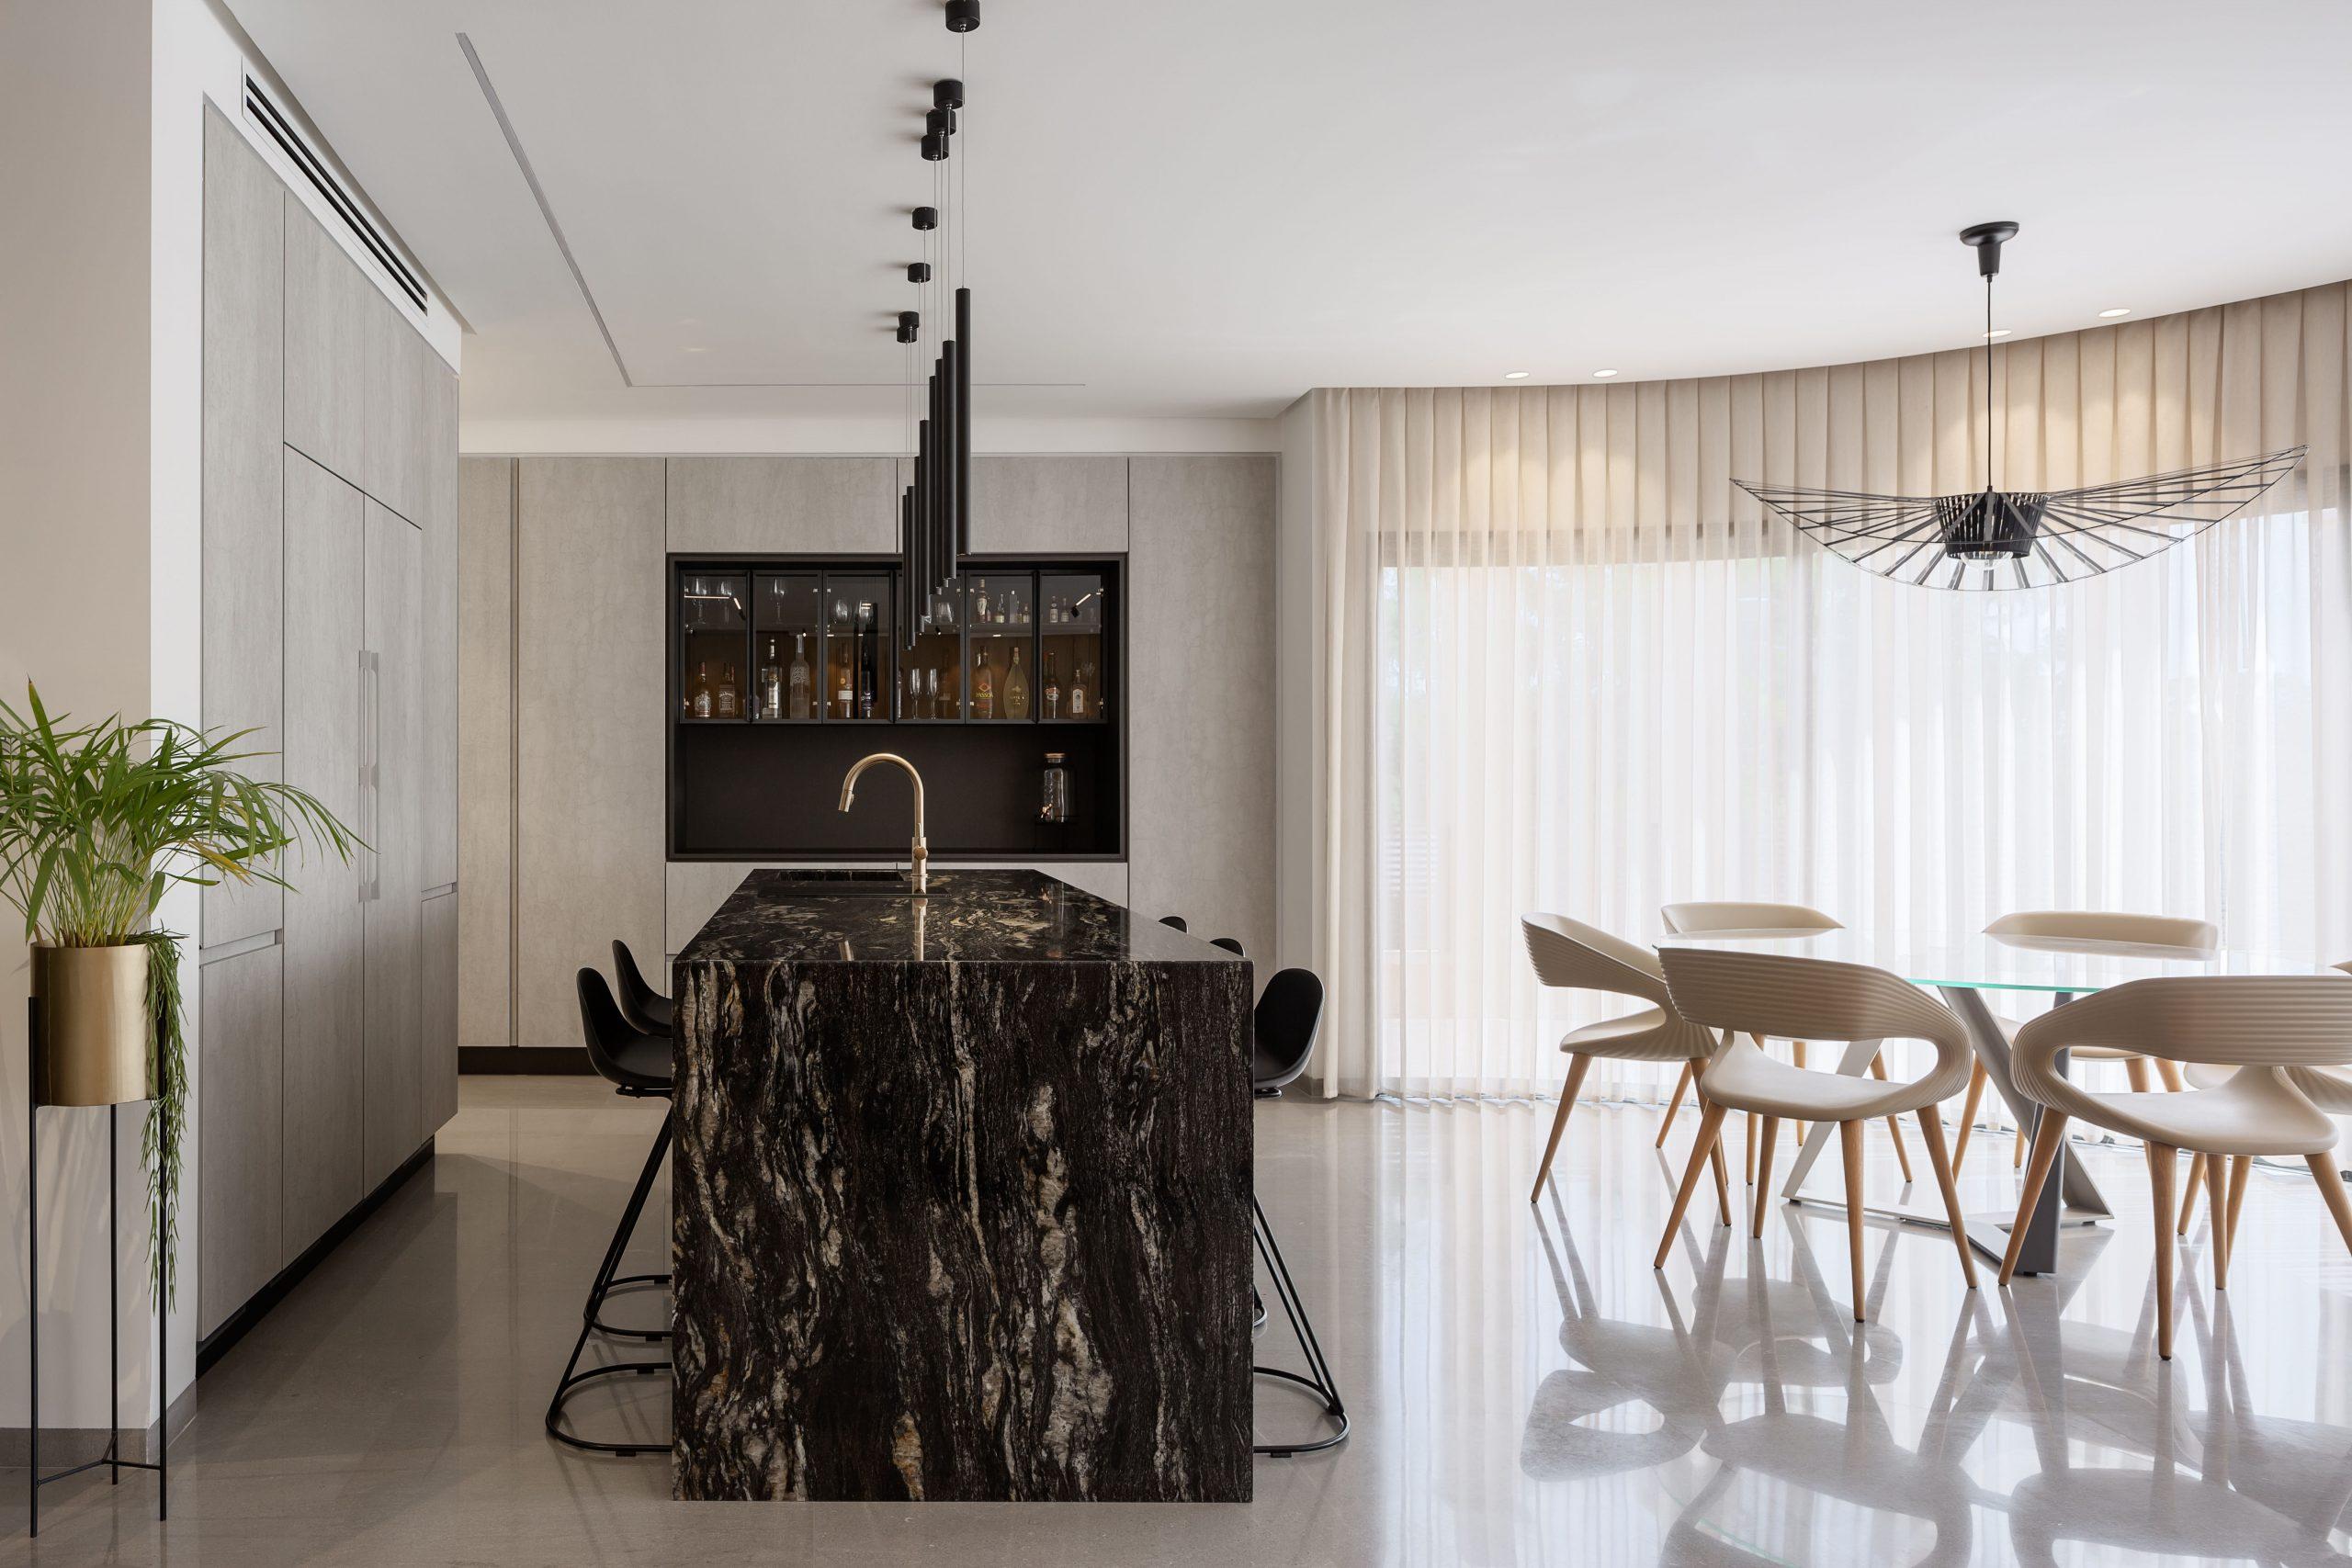 אדריכלות מקצועית בוילה בעכו